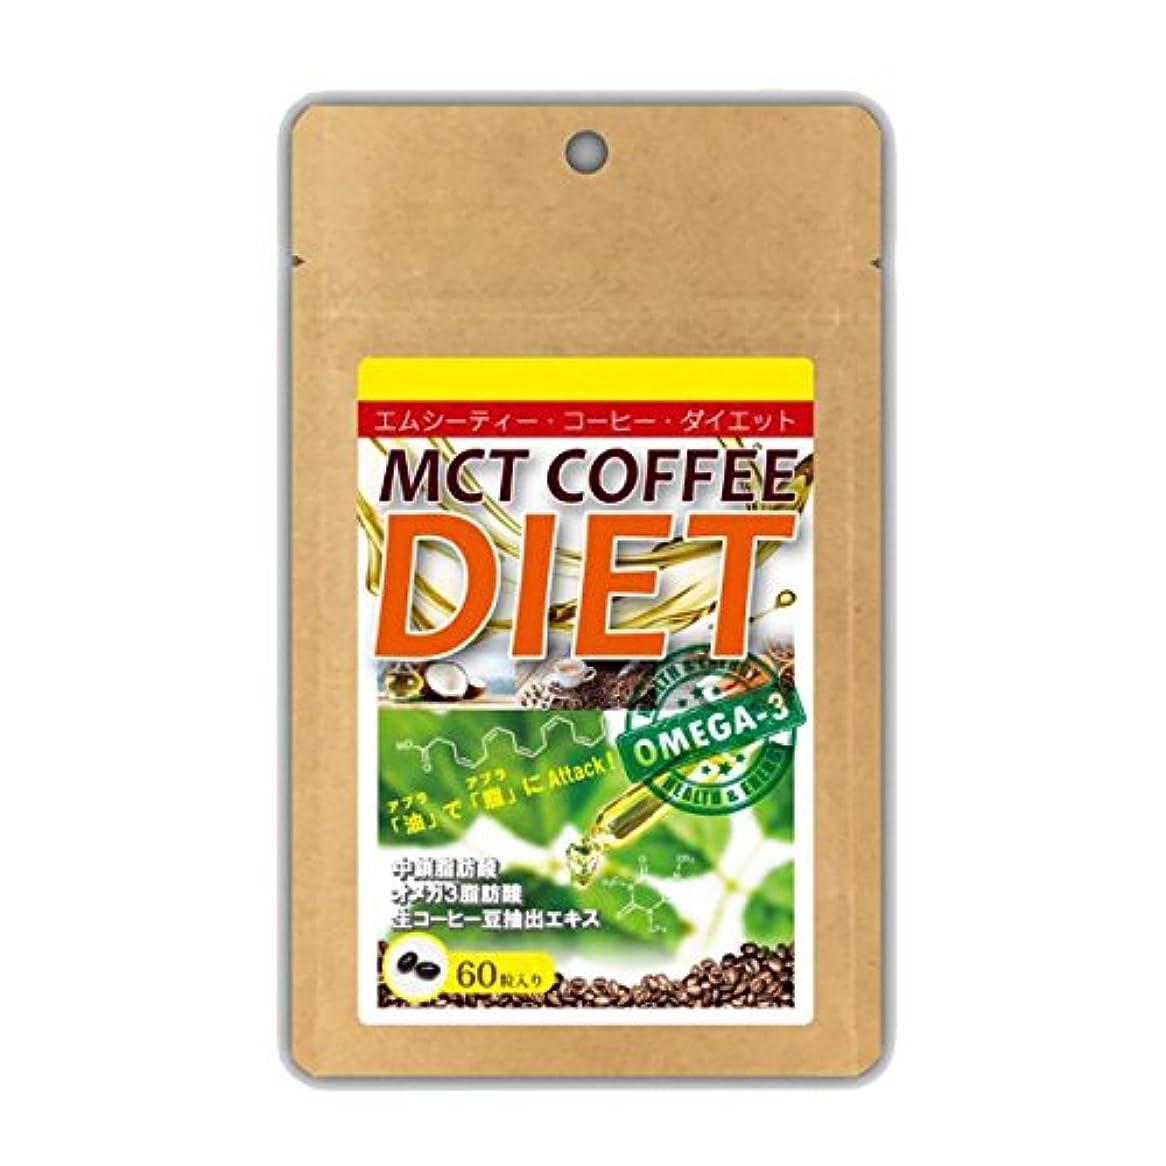 くつろぎブレイズ苦しみ【MCTオイル】MCTコーヒーダイエット 60カプセル入り